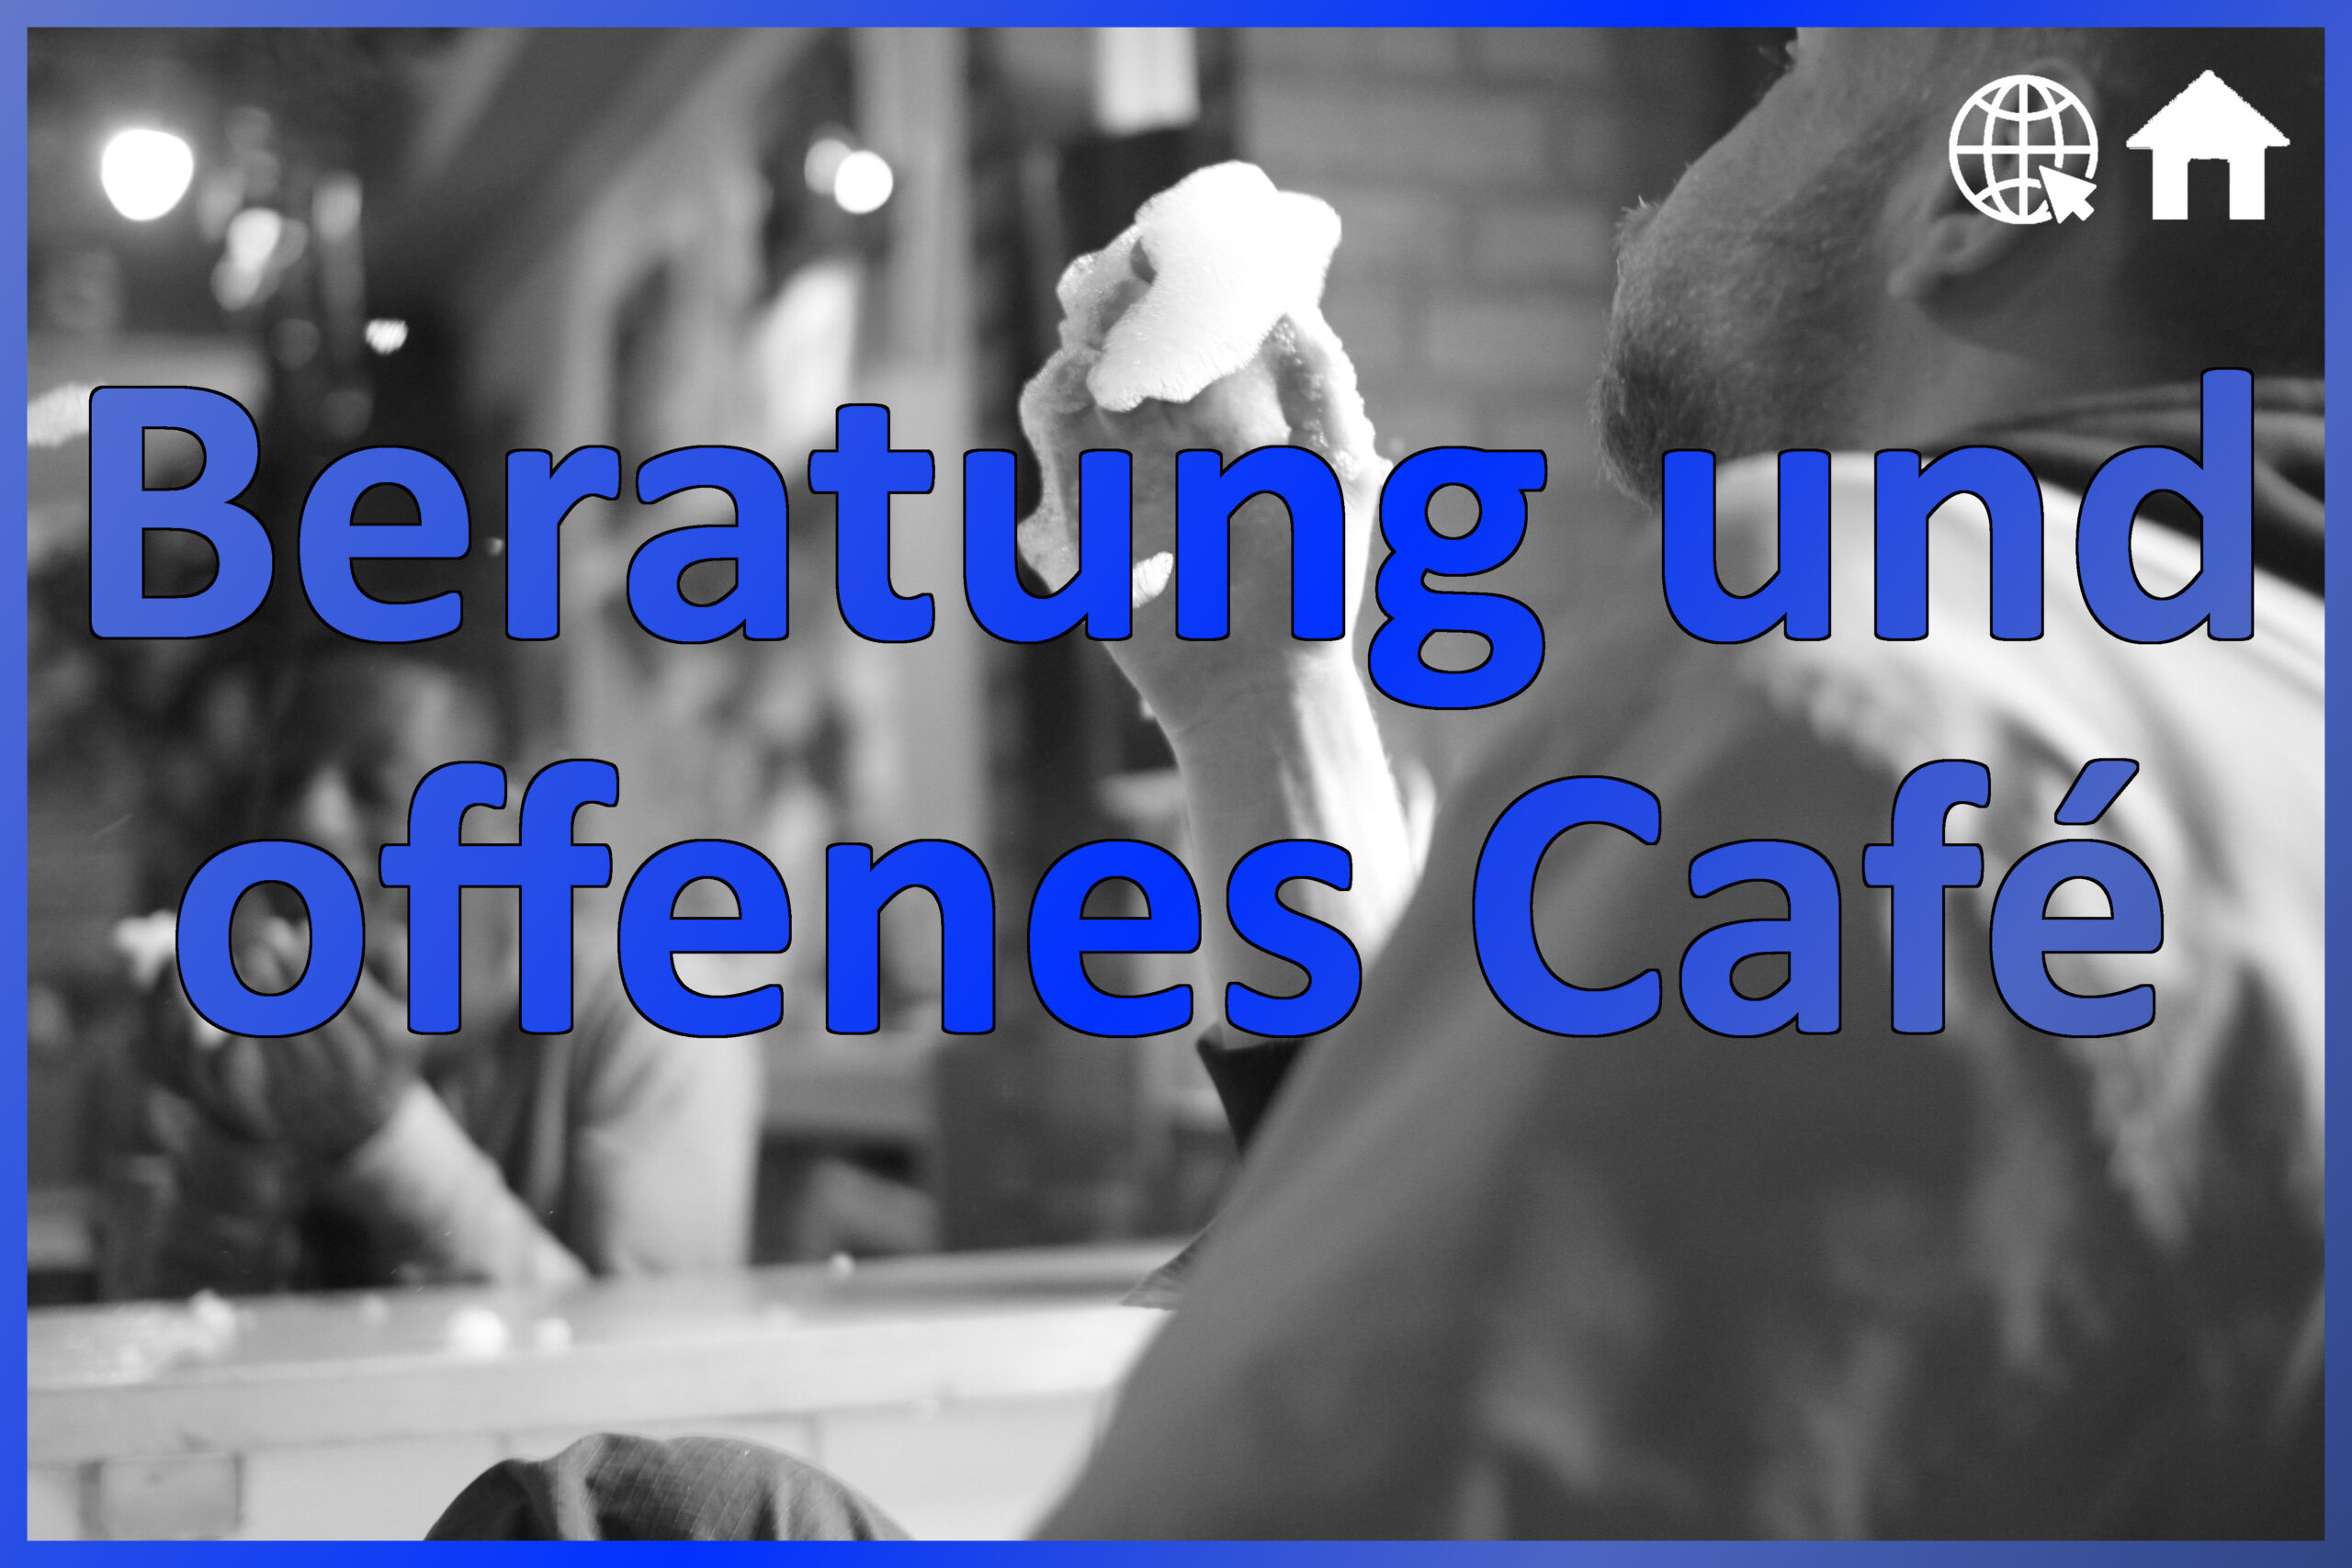 Beratung und offenes Café